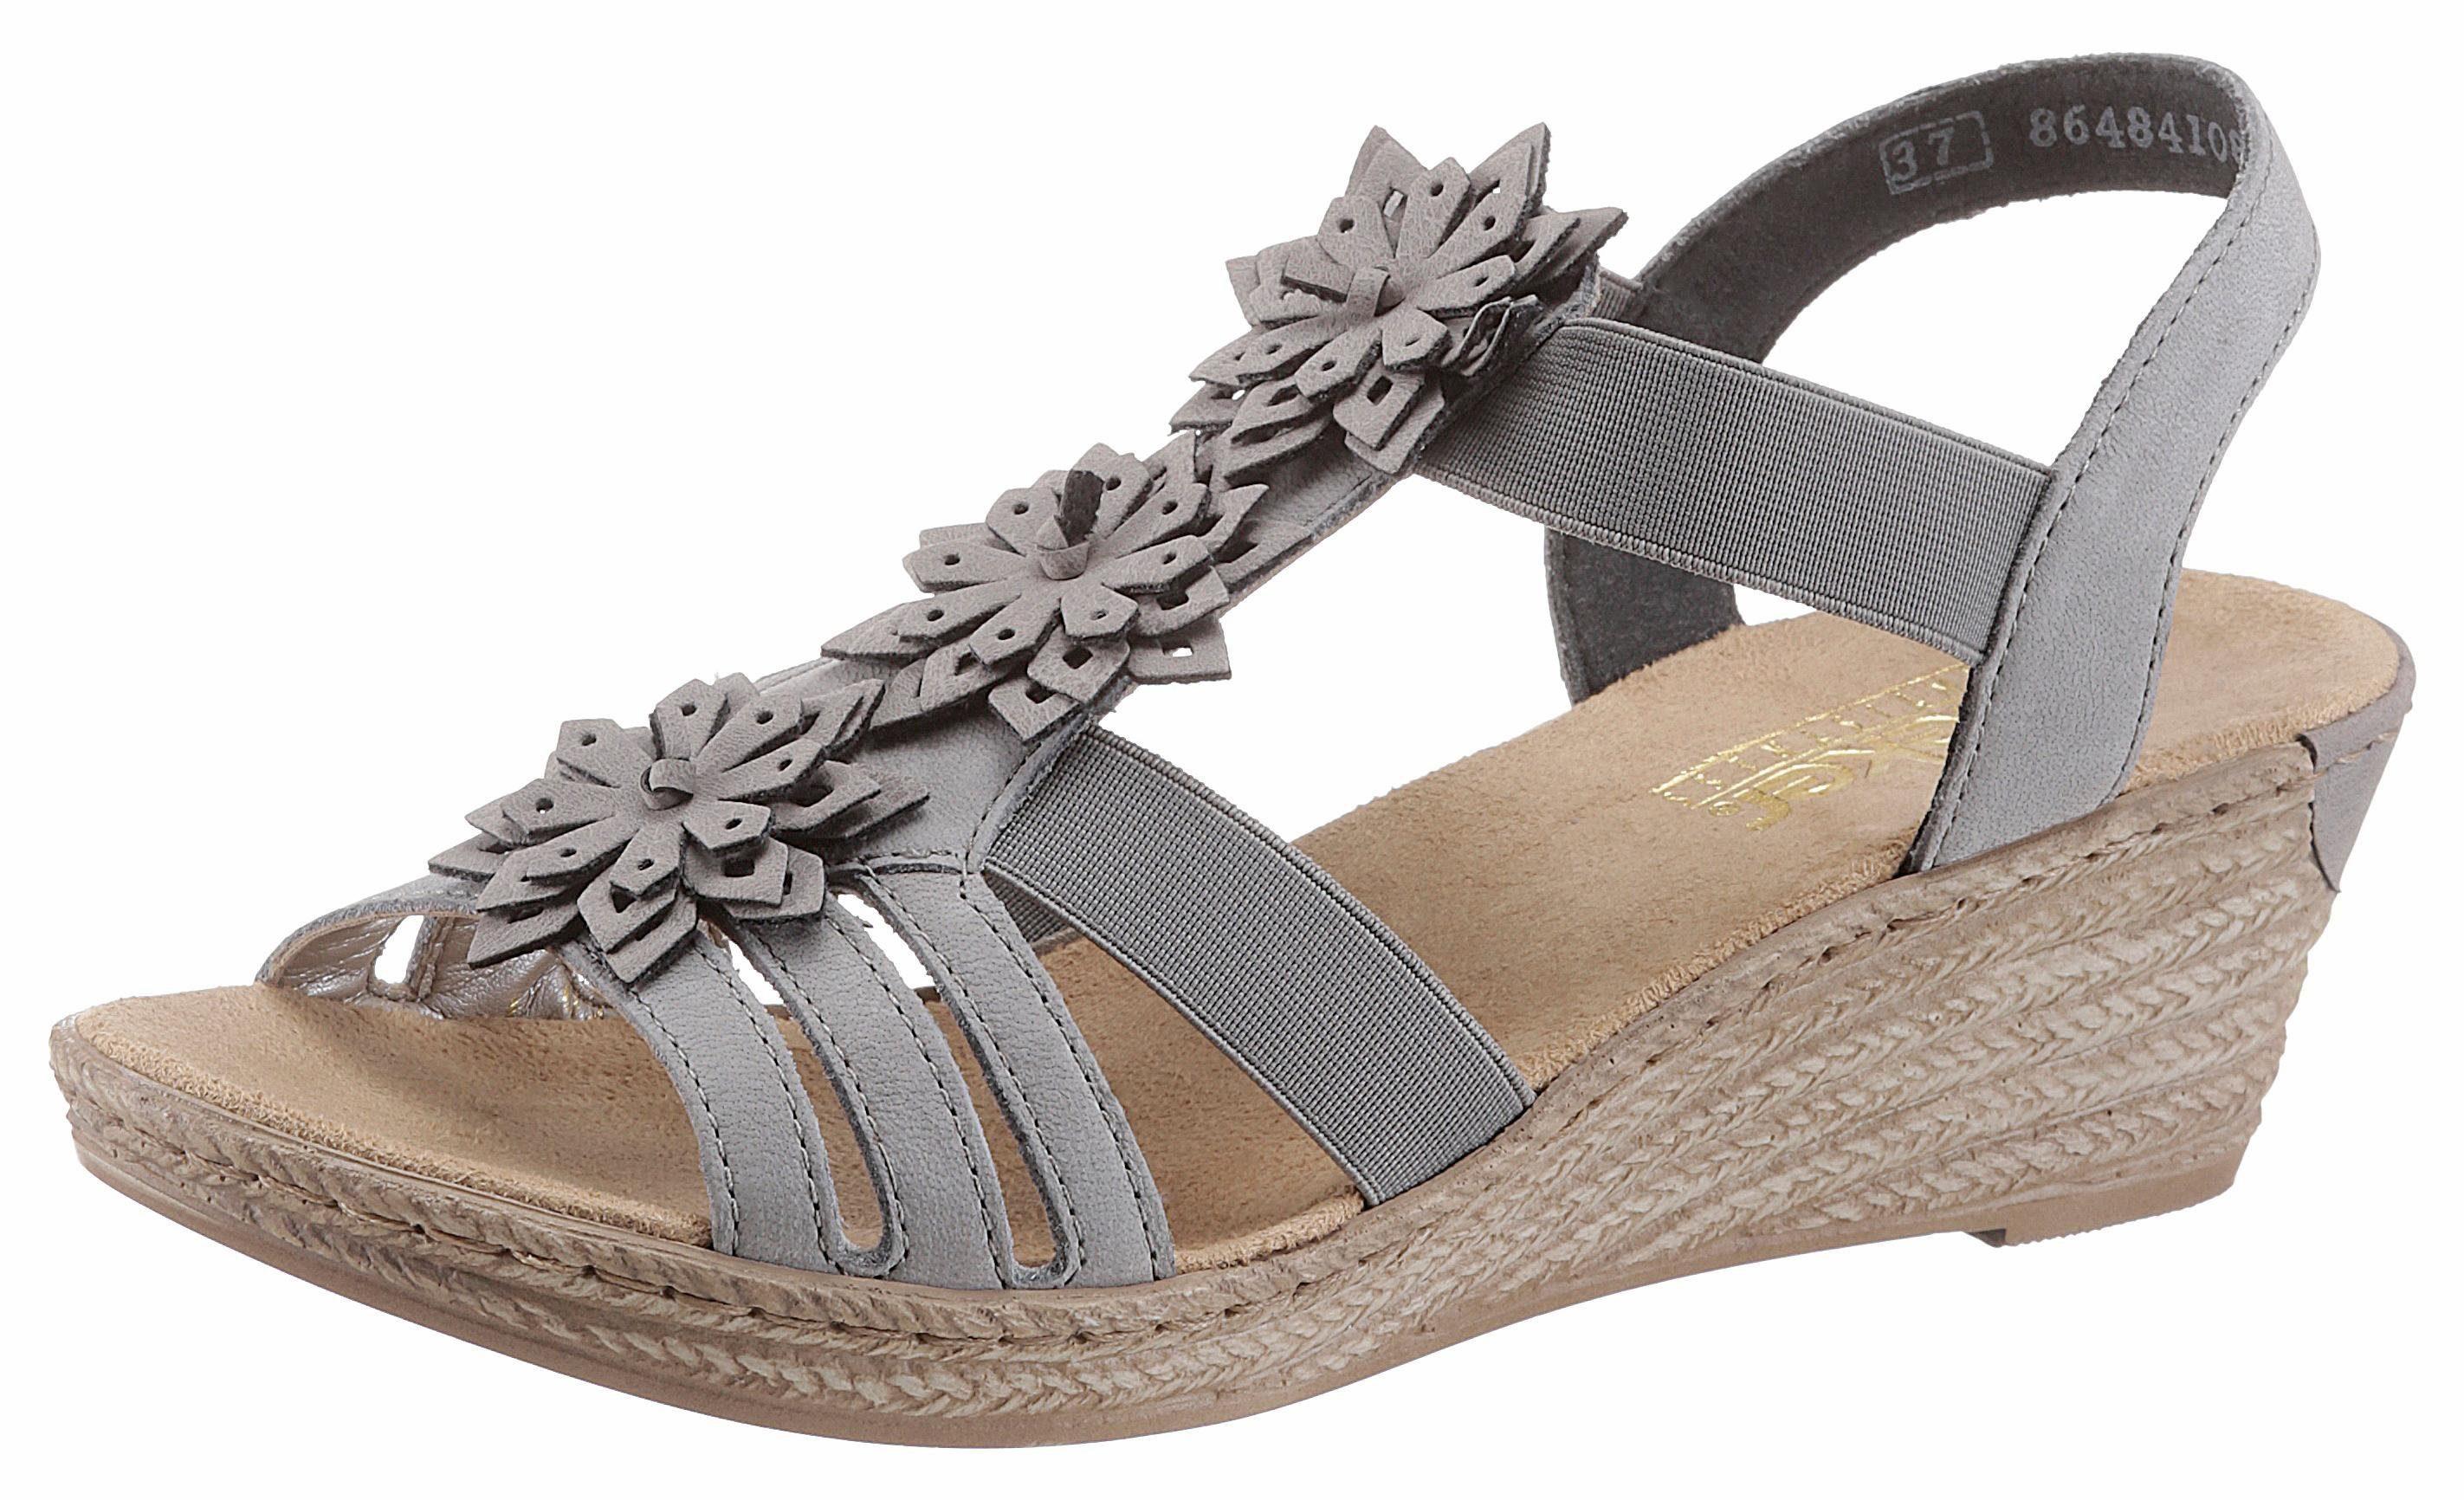 Remonte Sandalette, mit Zierperlen und Blüten, grau, grau